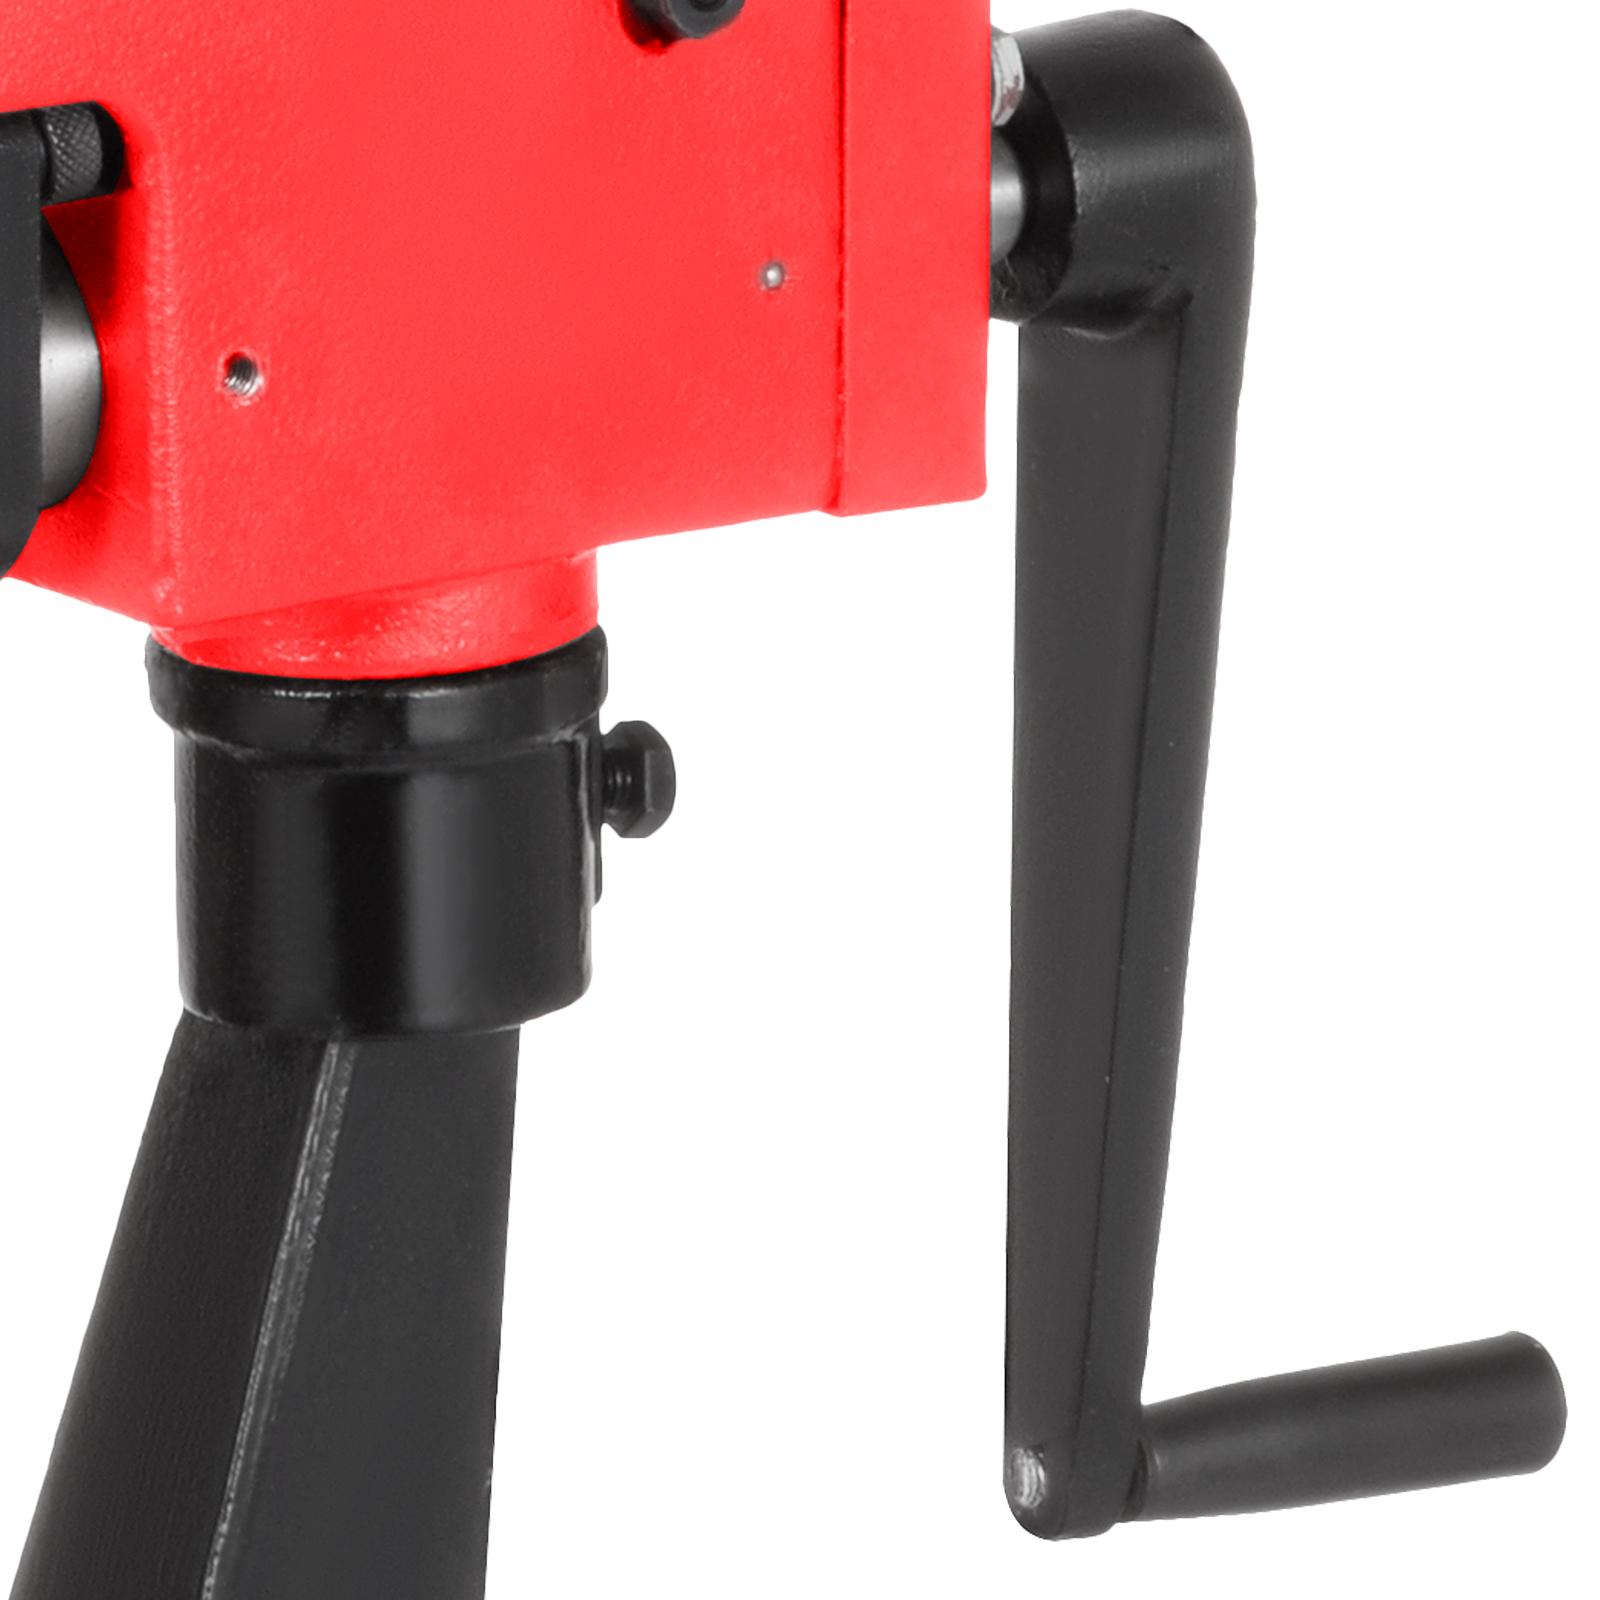 7/'/' Sheet Metal Bead Roller Steel Bender 6 Die Sets Stability Smooth Low Carbon